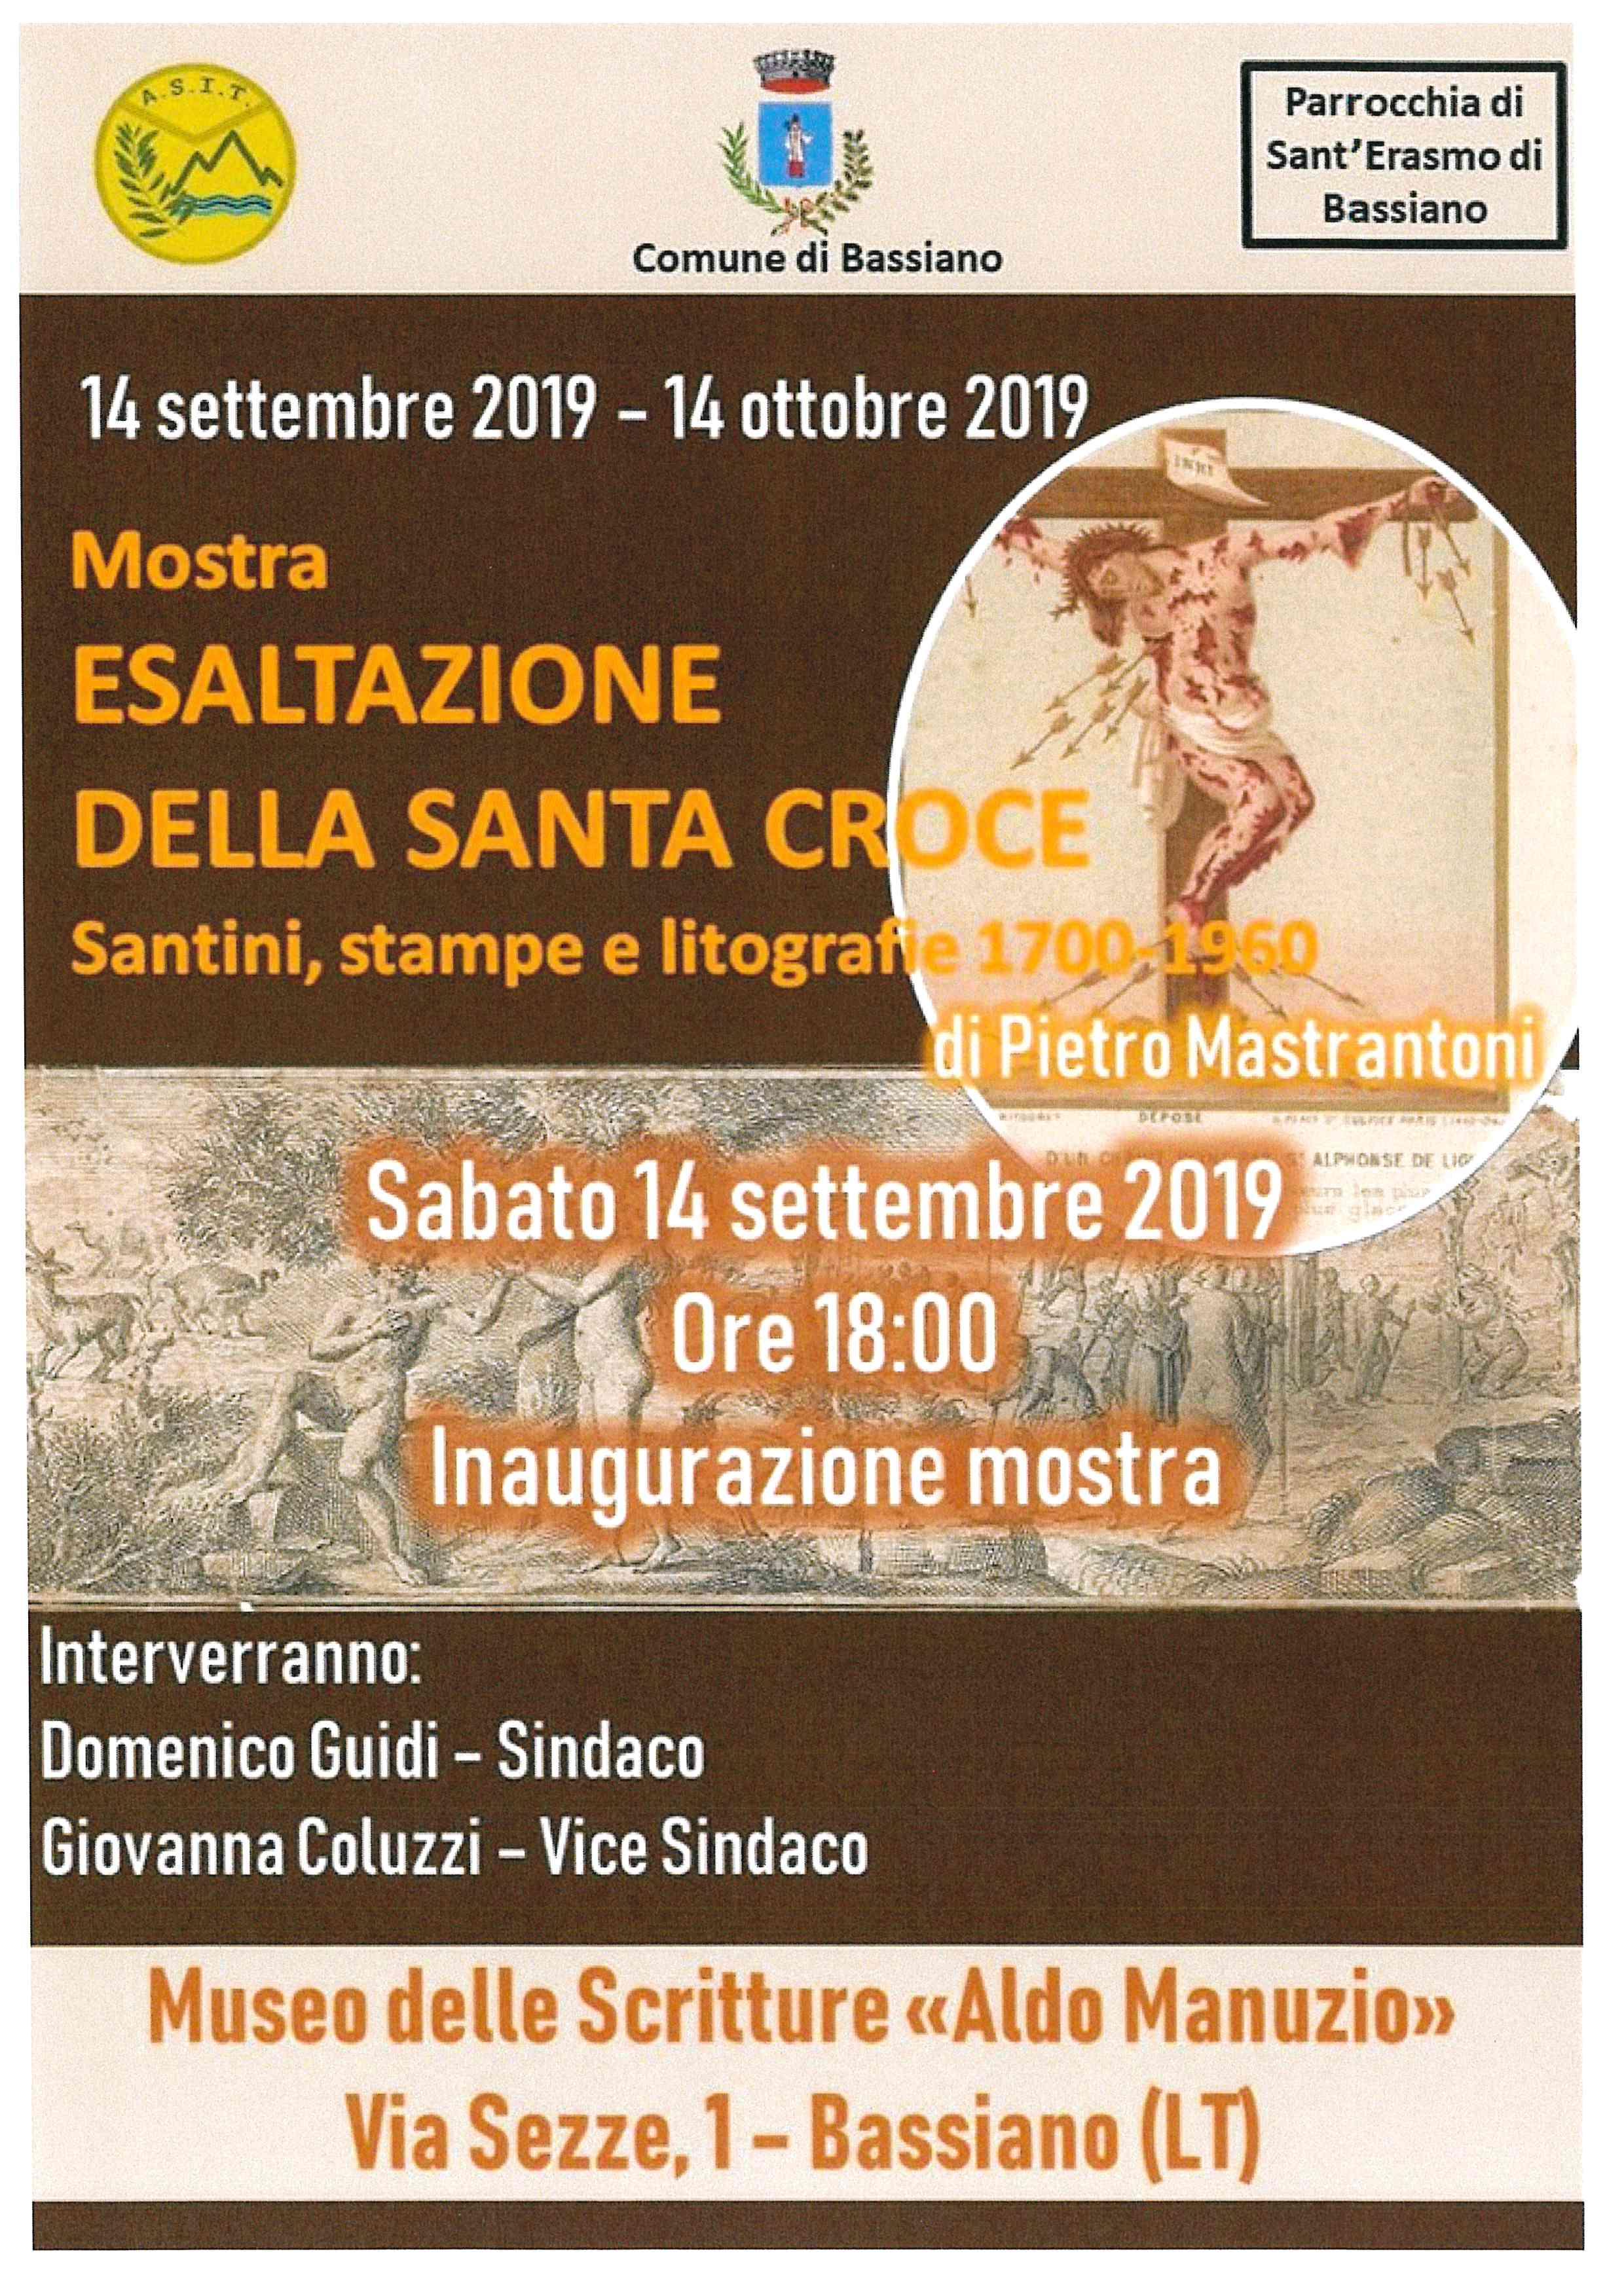 """Sabato 14 settembre 2019 ore 18:00 - Inaugurazione Mostra """"Esaltazione della Santa Croce"""" di Pietro Mastrantoni"""